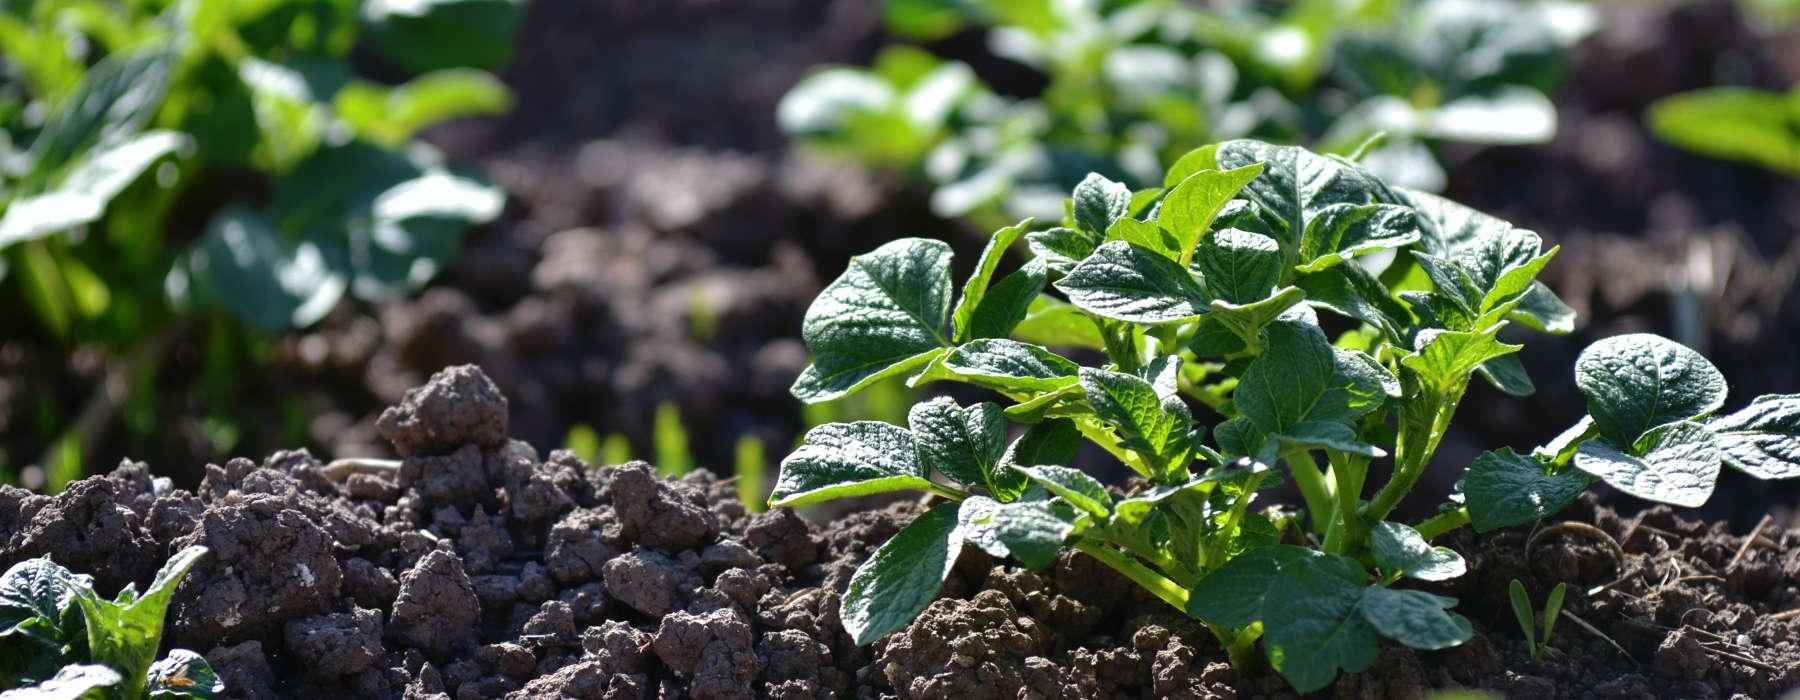 FNP nijs lanbou 1 plantsje